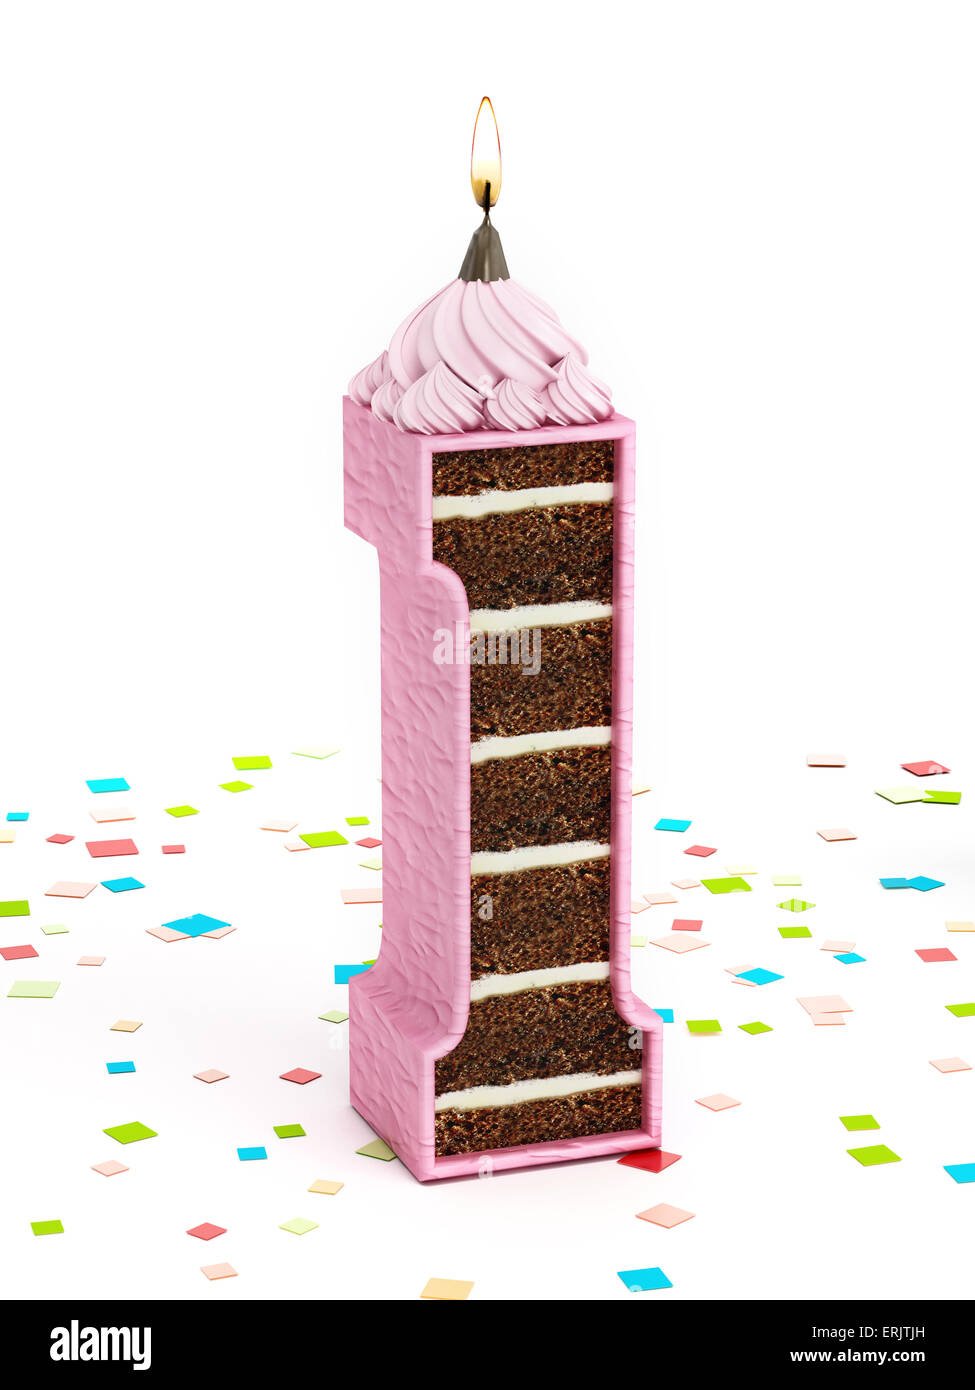 Número 1 de chocolate con forma de tarta de cumpleaños con velas encendidas. Imagen De Stock